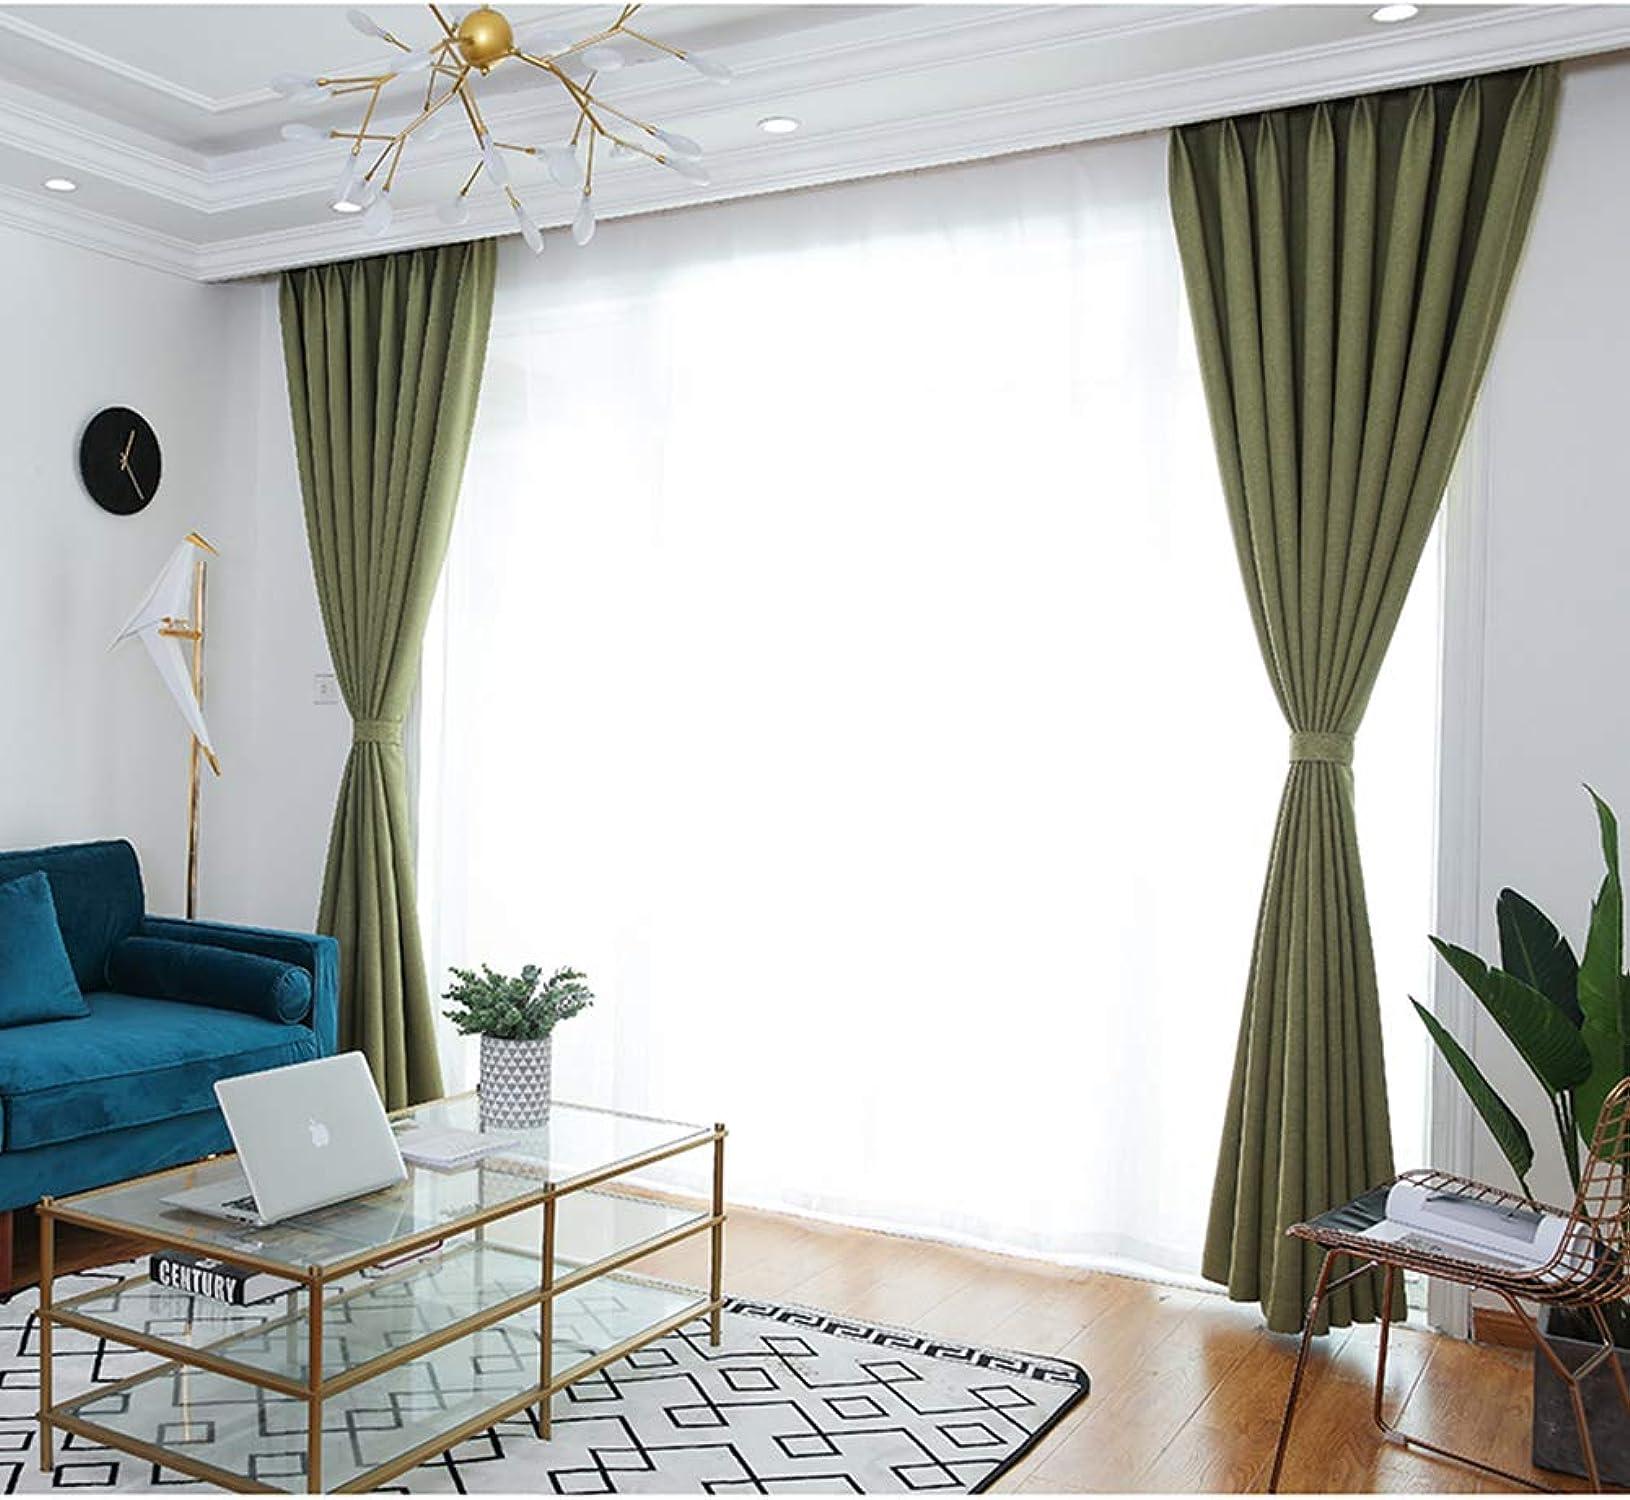 Cortina con aislamiento térmico simple moderna sombrilla apagón dormitorio sala de estar piso cortina lápiz plisado cortina 1 pcs